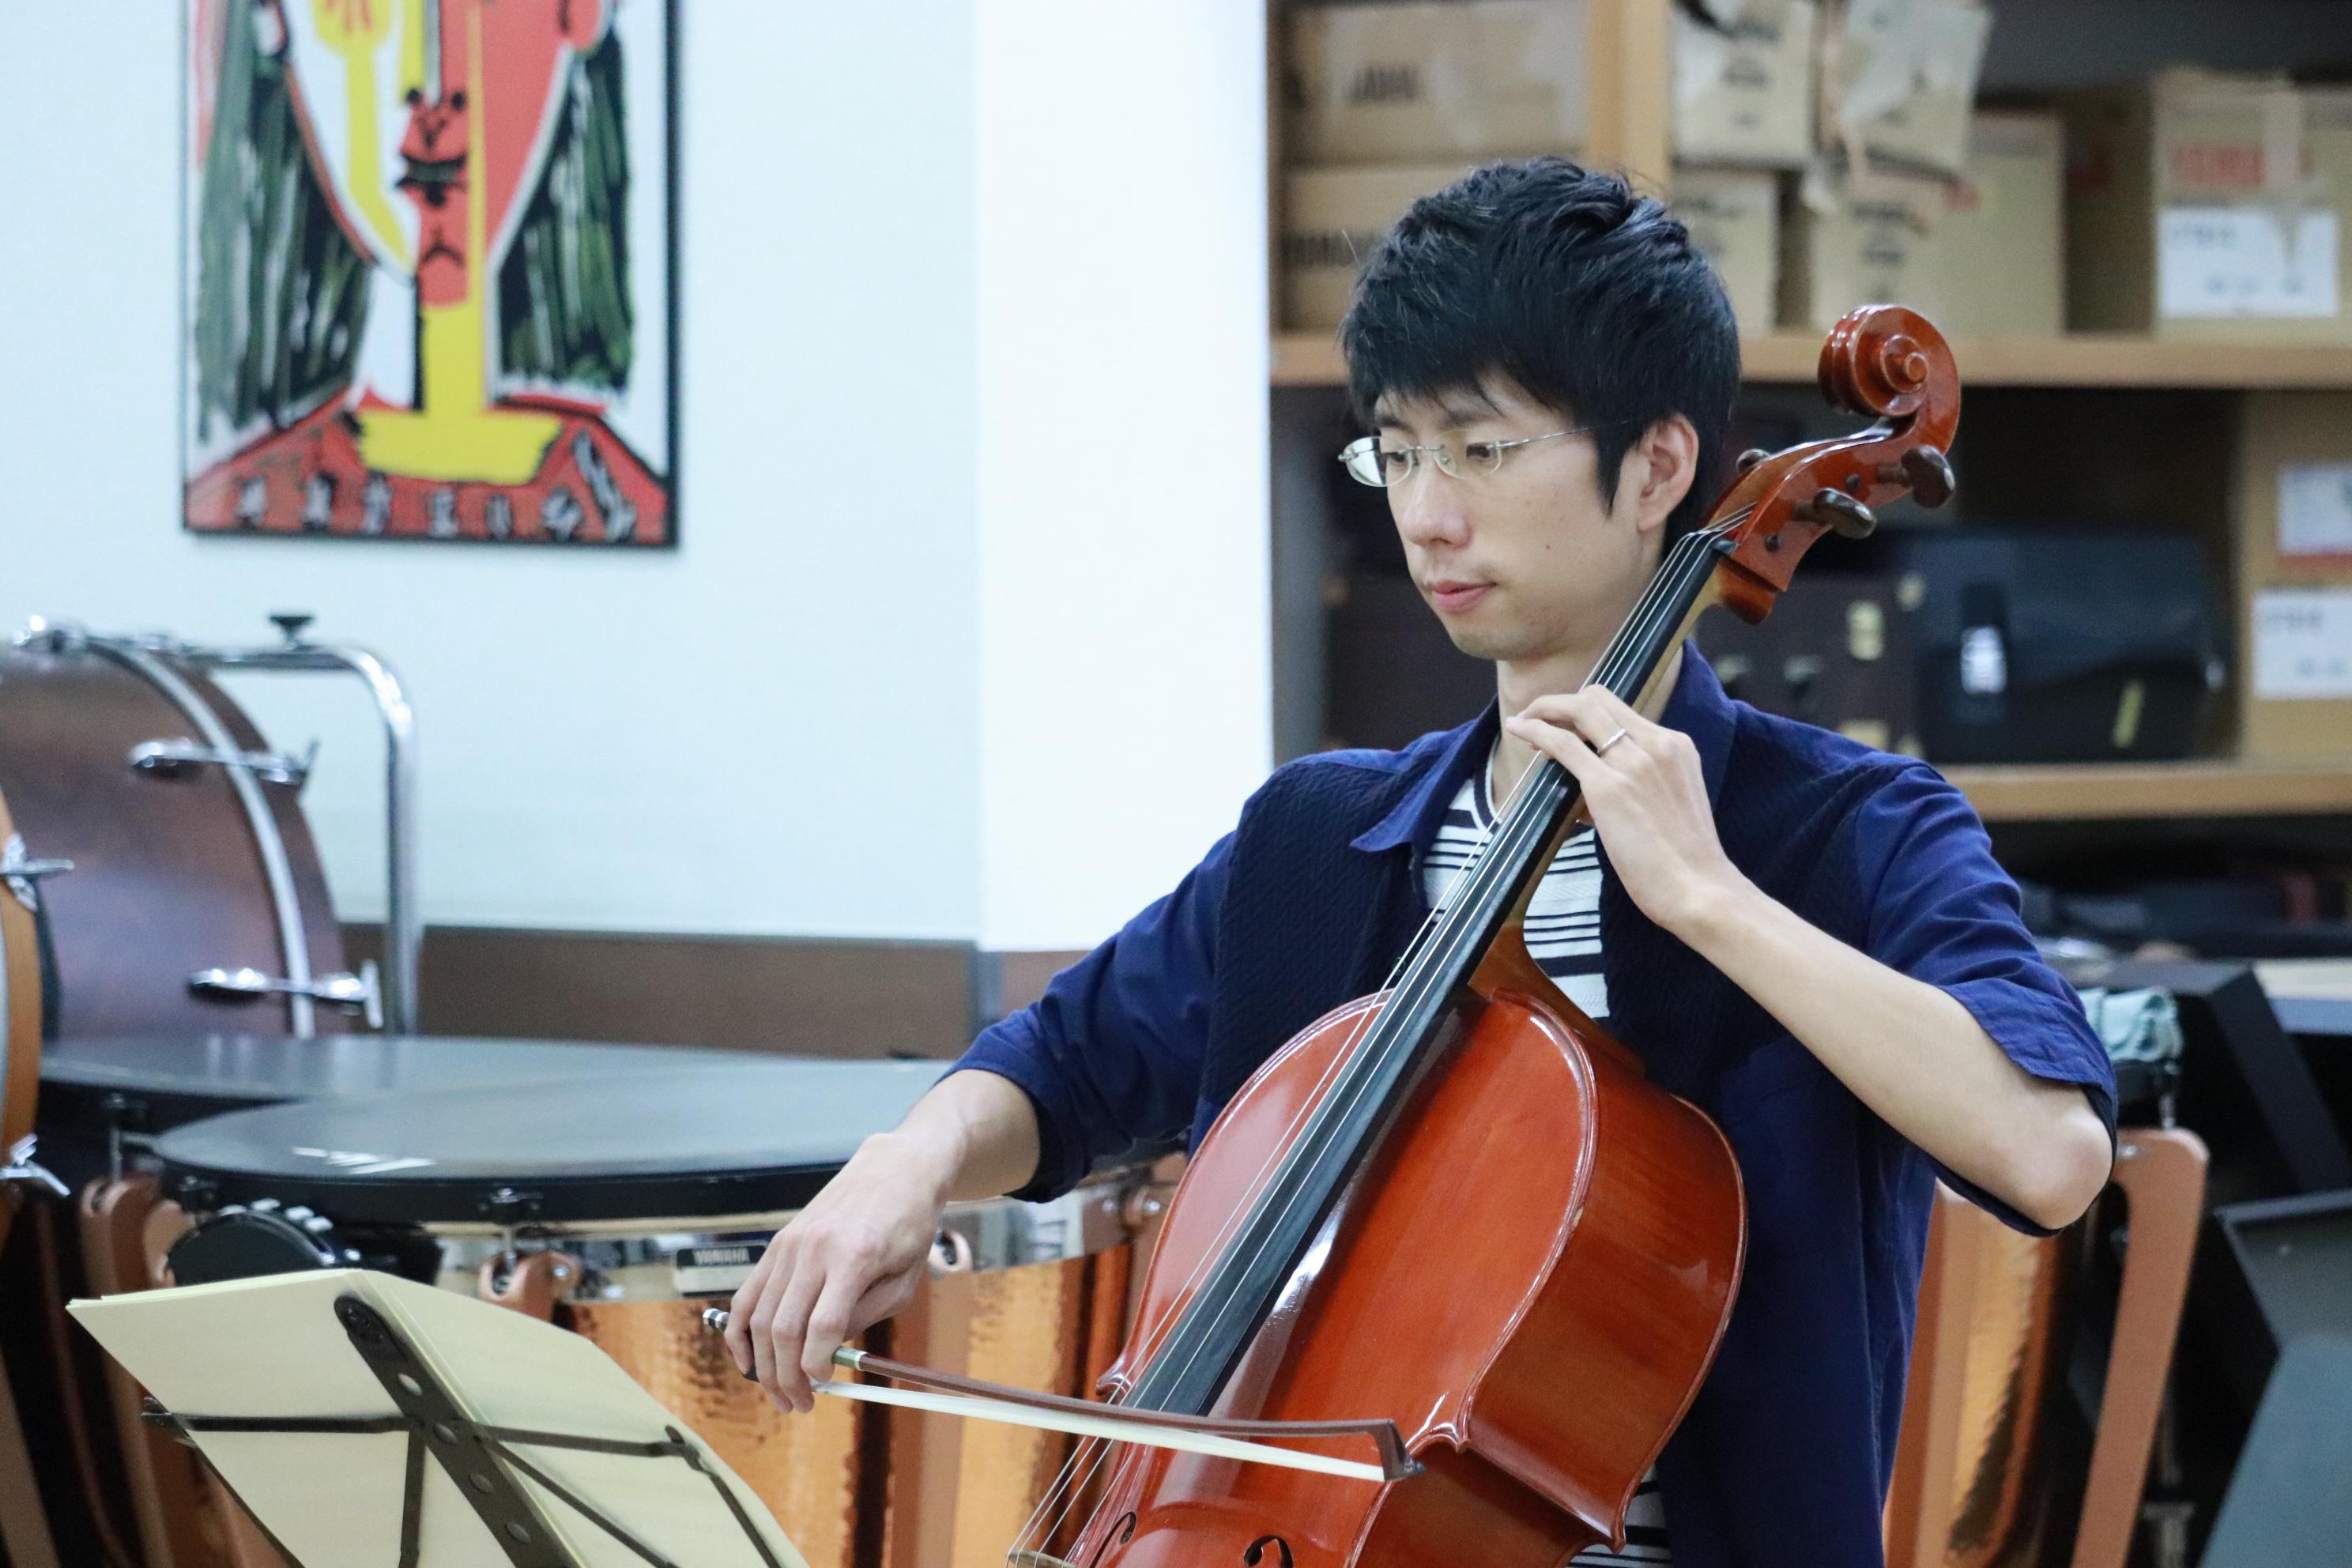 チェロ奏者の男性を斜め前方から撮影。